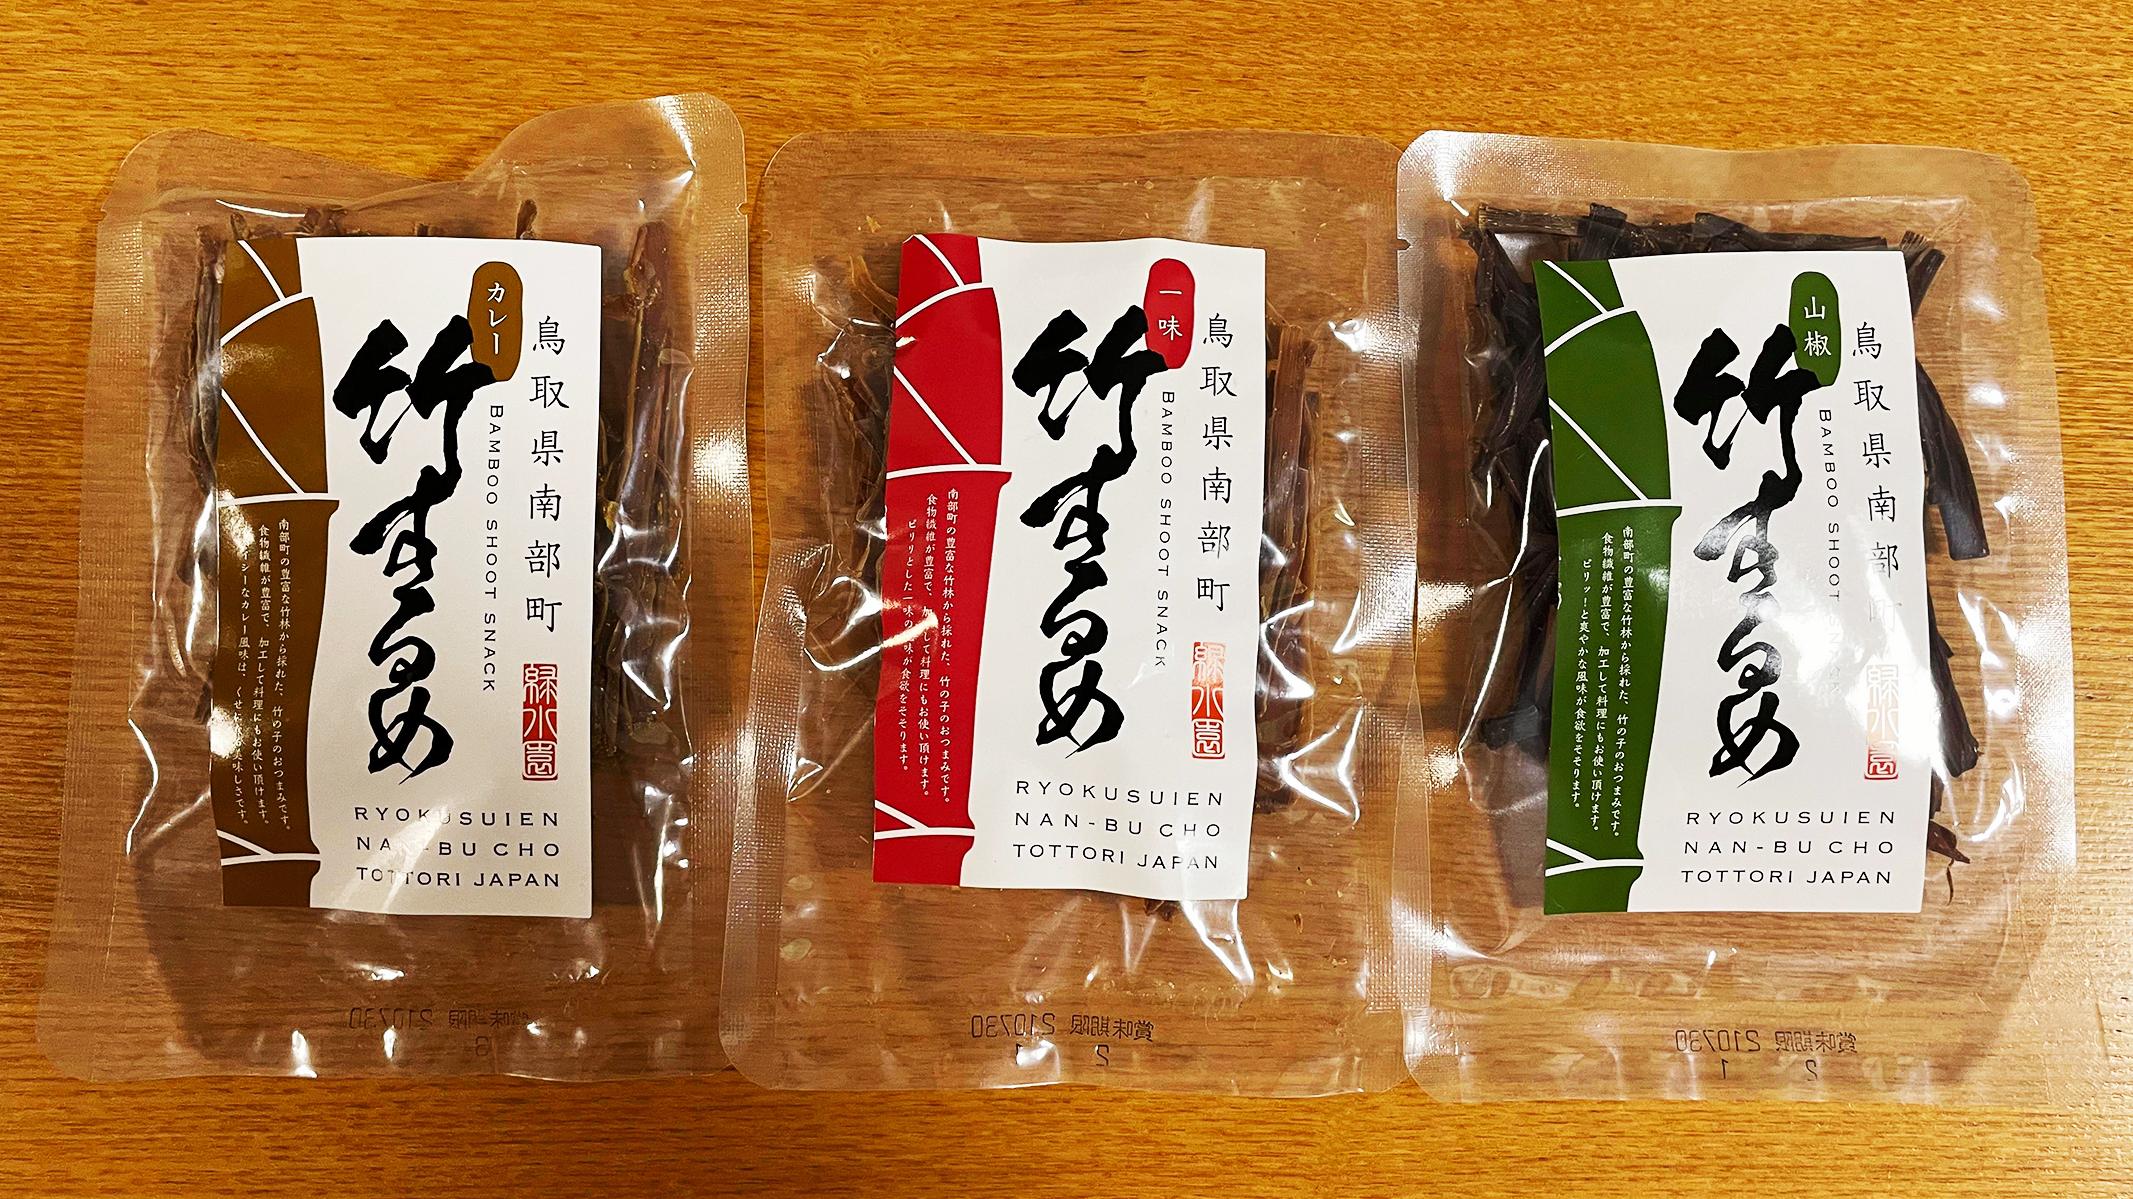 広がりすぎた竹林は食べちゃおう!「竹するめ」の3つの味を食べ比べ! お酒との相性も検証してみた